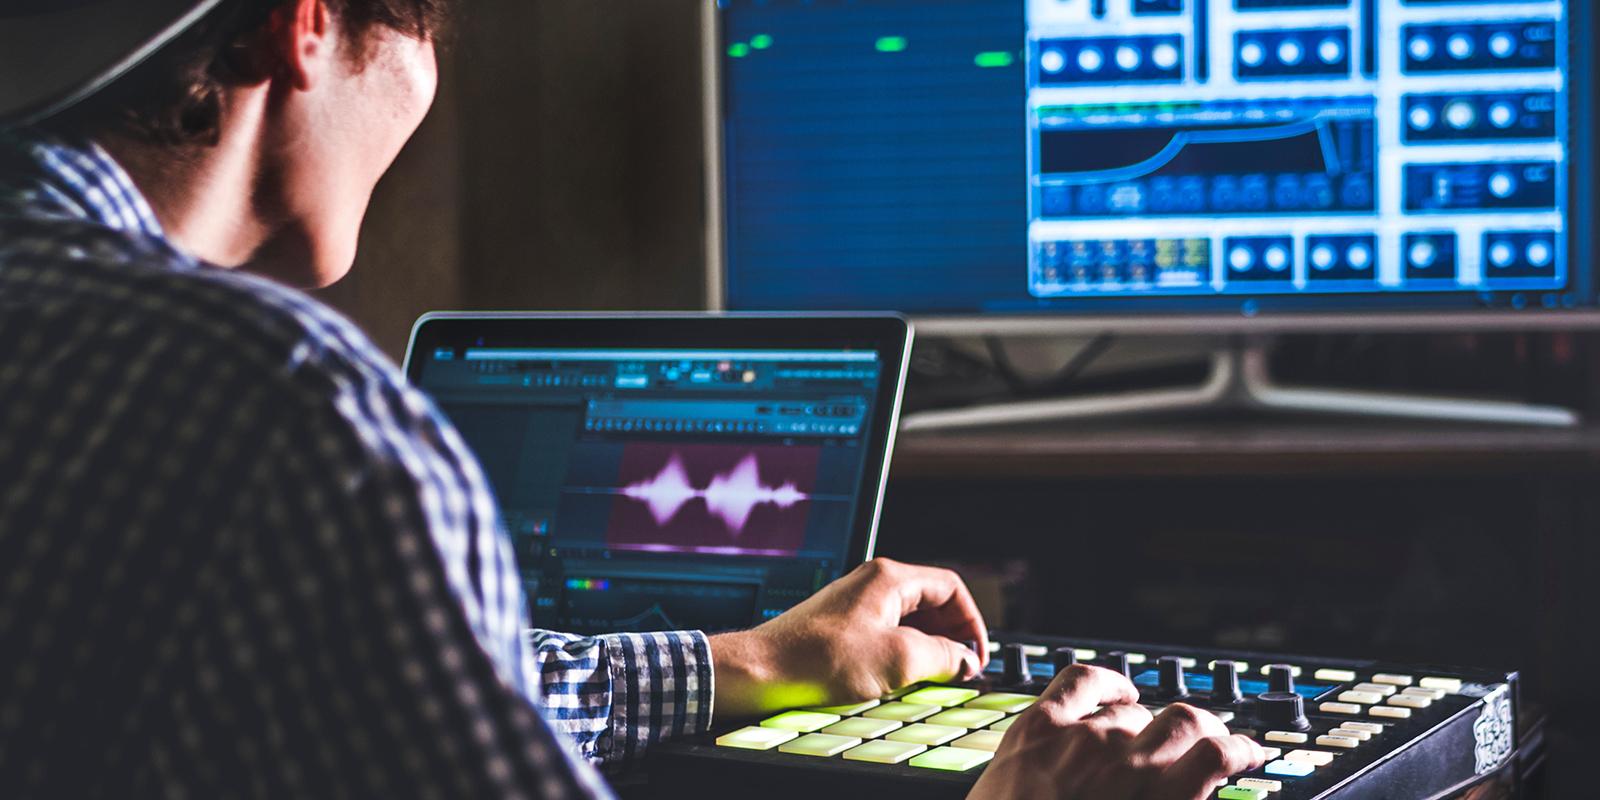 уменьшить громкость аудио онлайн